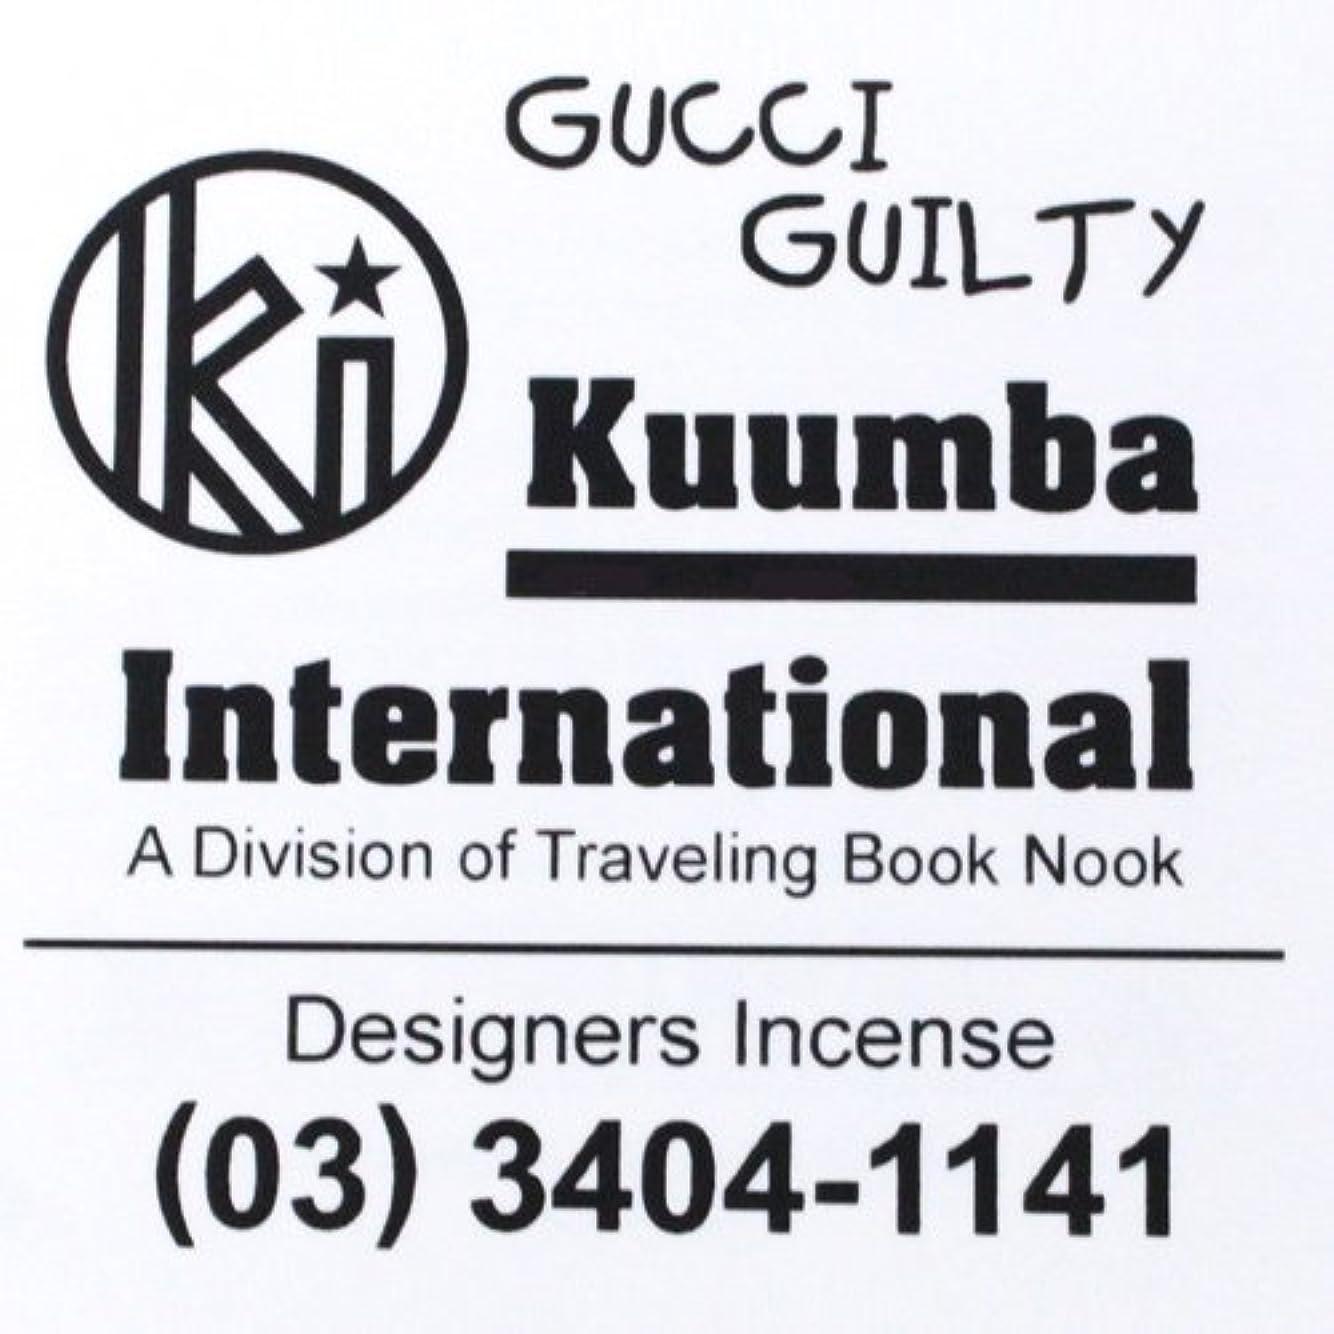 コンプリート注意ちょっと待ってKUUMBA (クンバ)『incense』(GUCCI GUILTY) (Regular size)